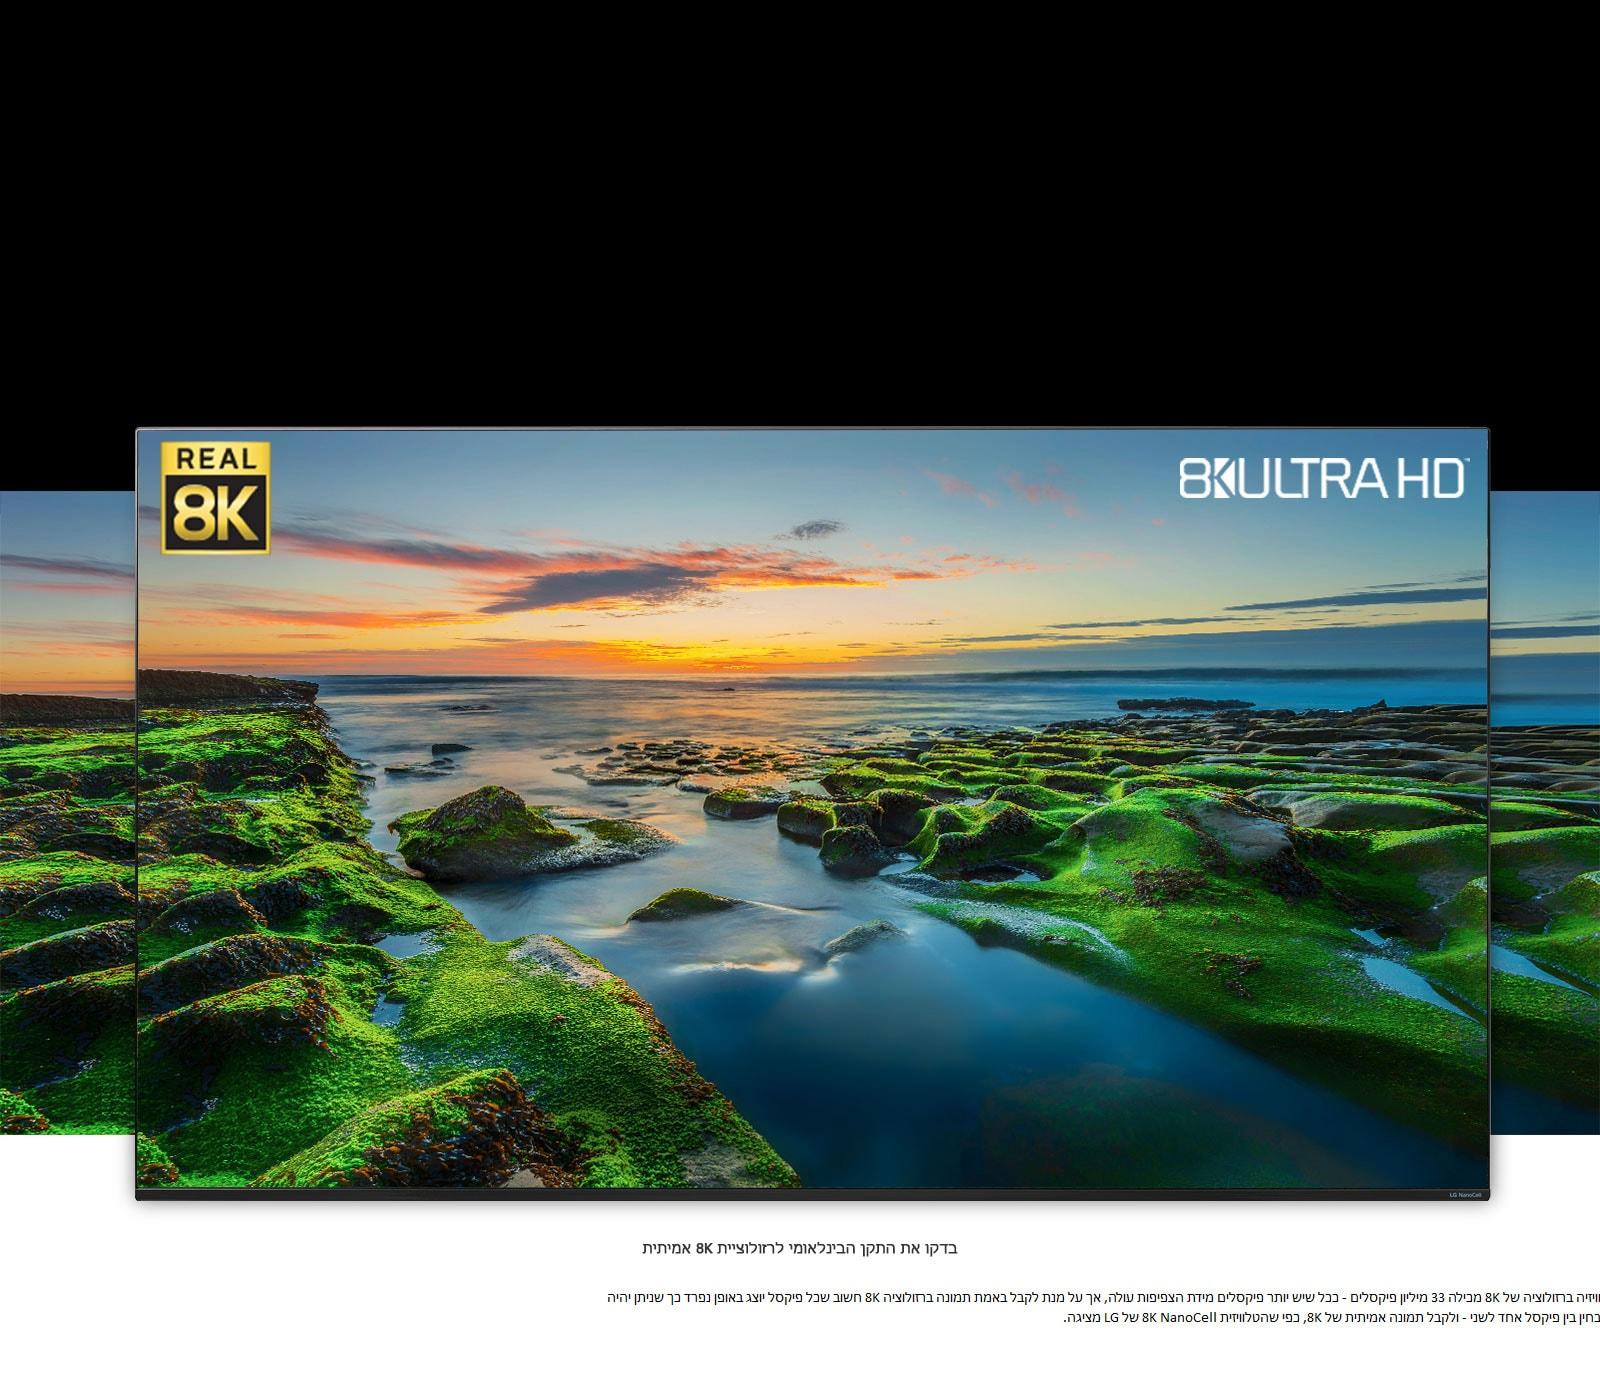 מסך טלוויזיה המציג תמונת נוף רחבה עם סמלי 'איגוד יצרני הטכנולוגיה לצרכן' (CTA) ורזולוציית 8K אמיתית